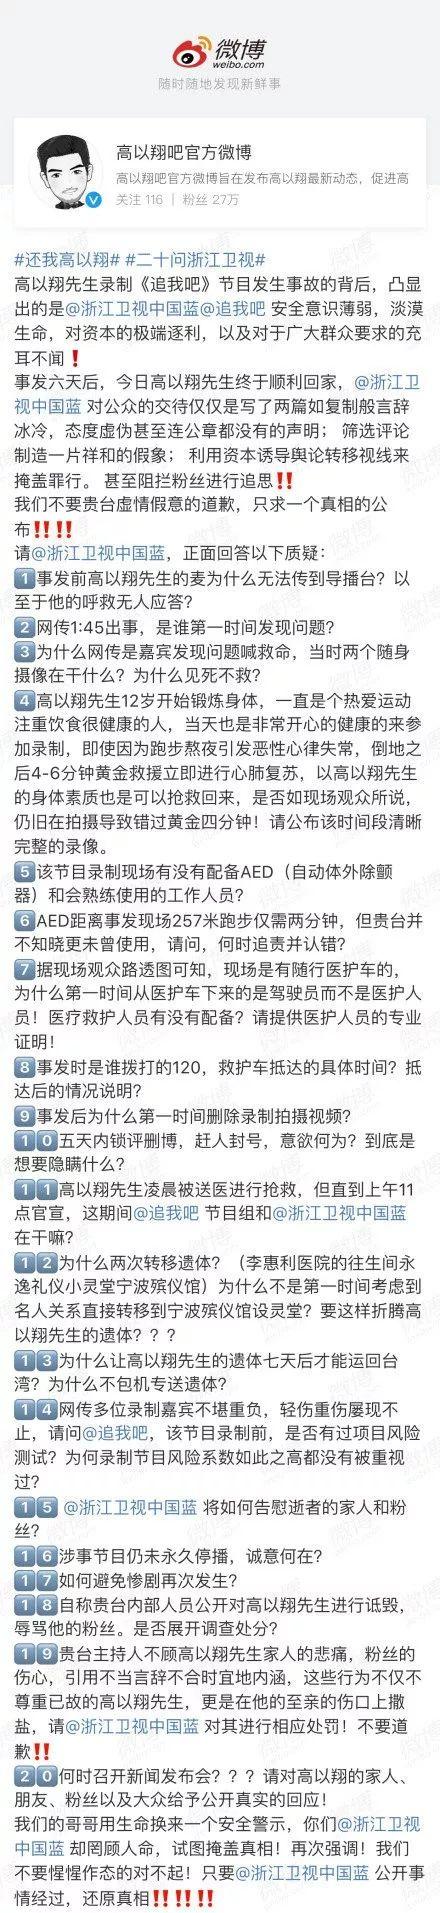 早前,高以翔吧官方微博曾经把网友们最关心的问题列出来,一共有20问